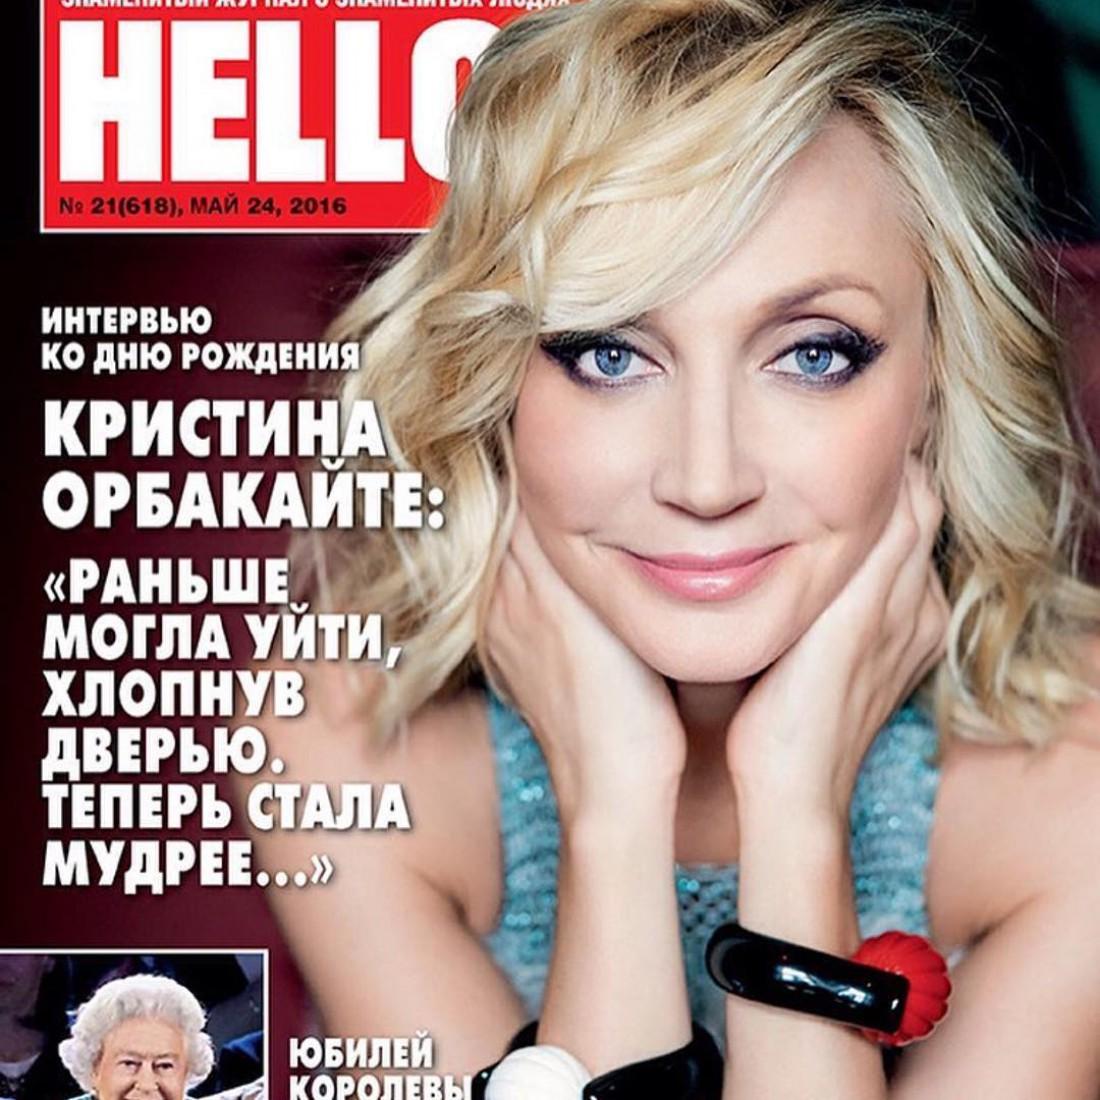 img.newsrbk.ru